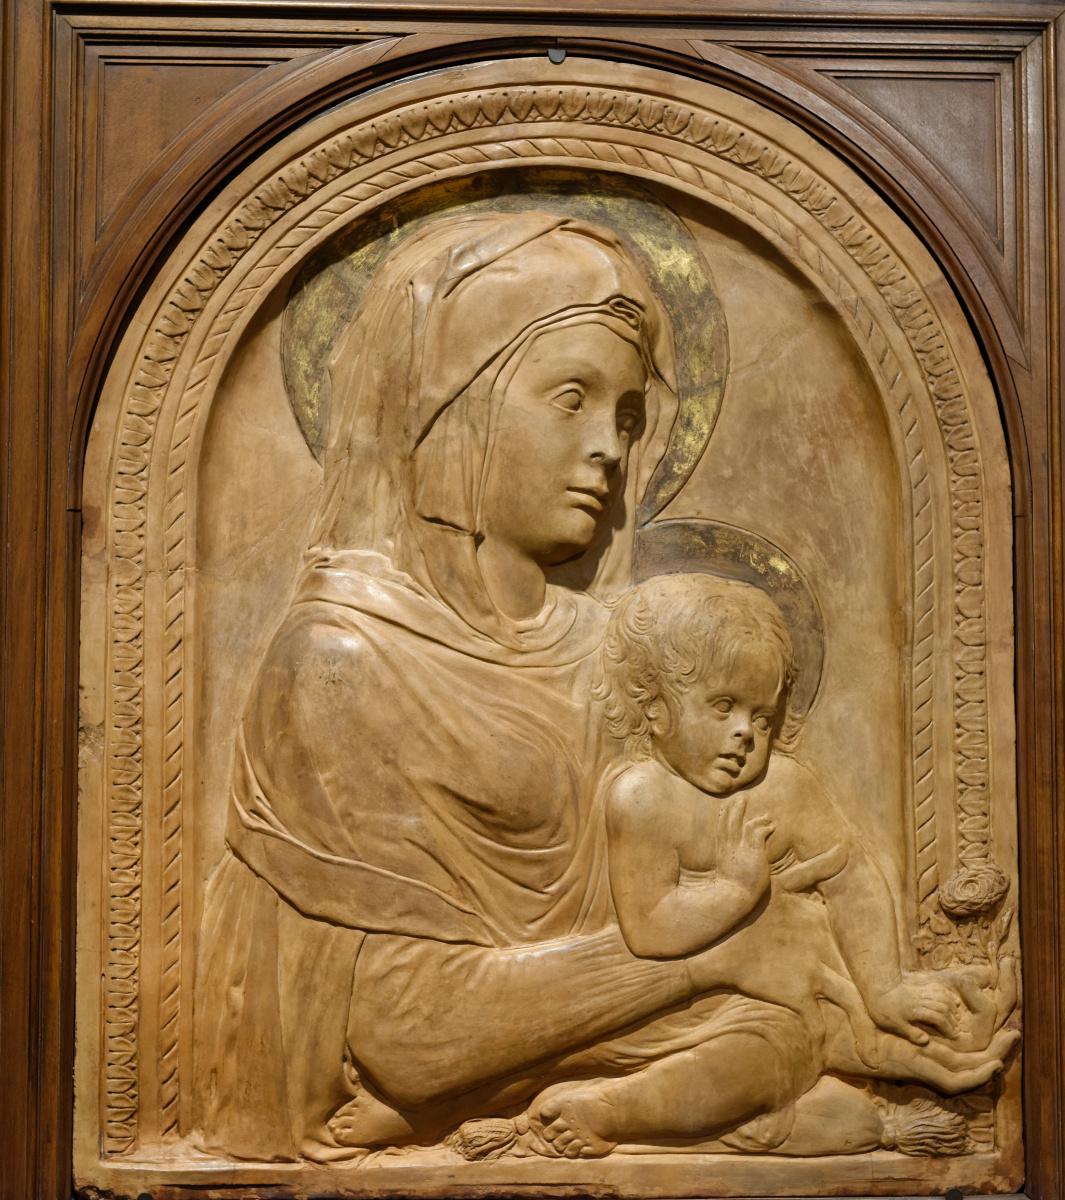 Donato di Niccolo di Betto Bardi (Donatello). Madonna and Child